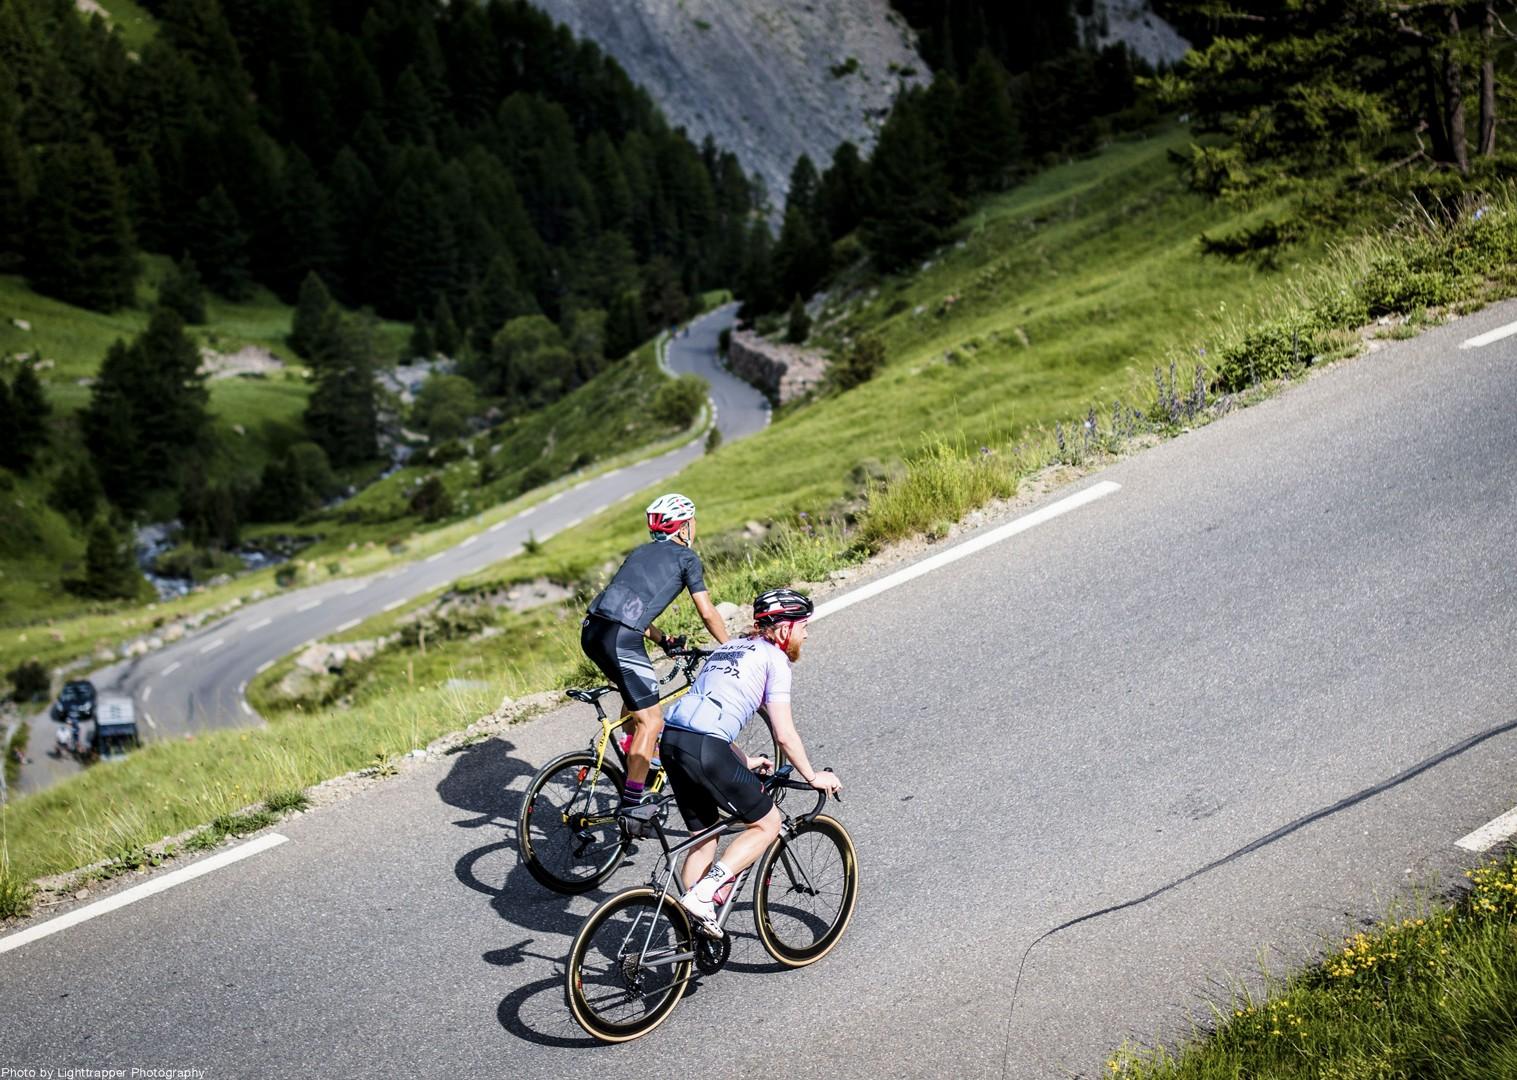 alpes-maritimes-france-road-bike-skedaddle.jpg - NEW! France - Provence - Alpes Maritimes - Road Cycling